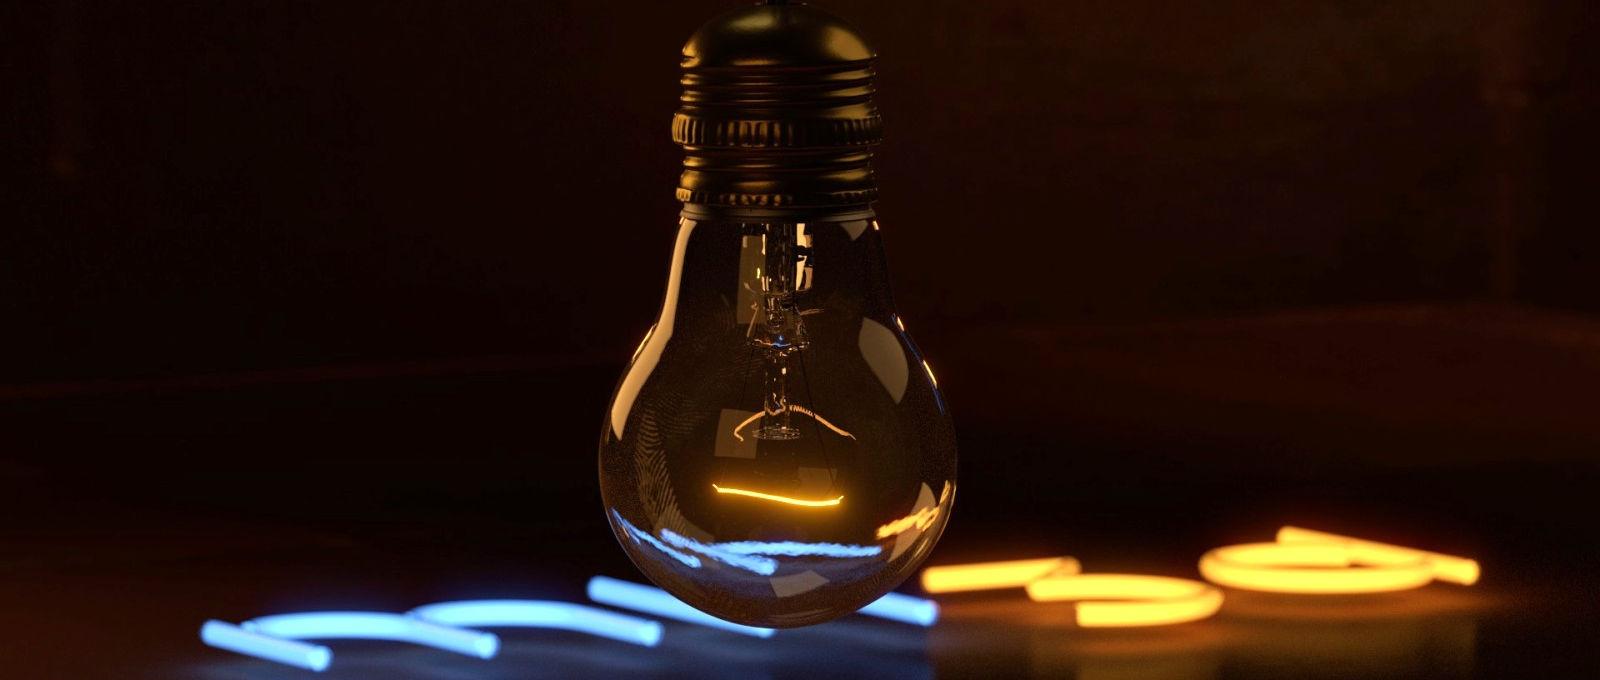 MH3D_Lightbulb